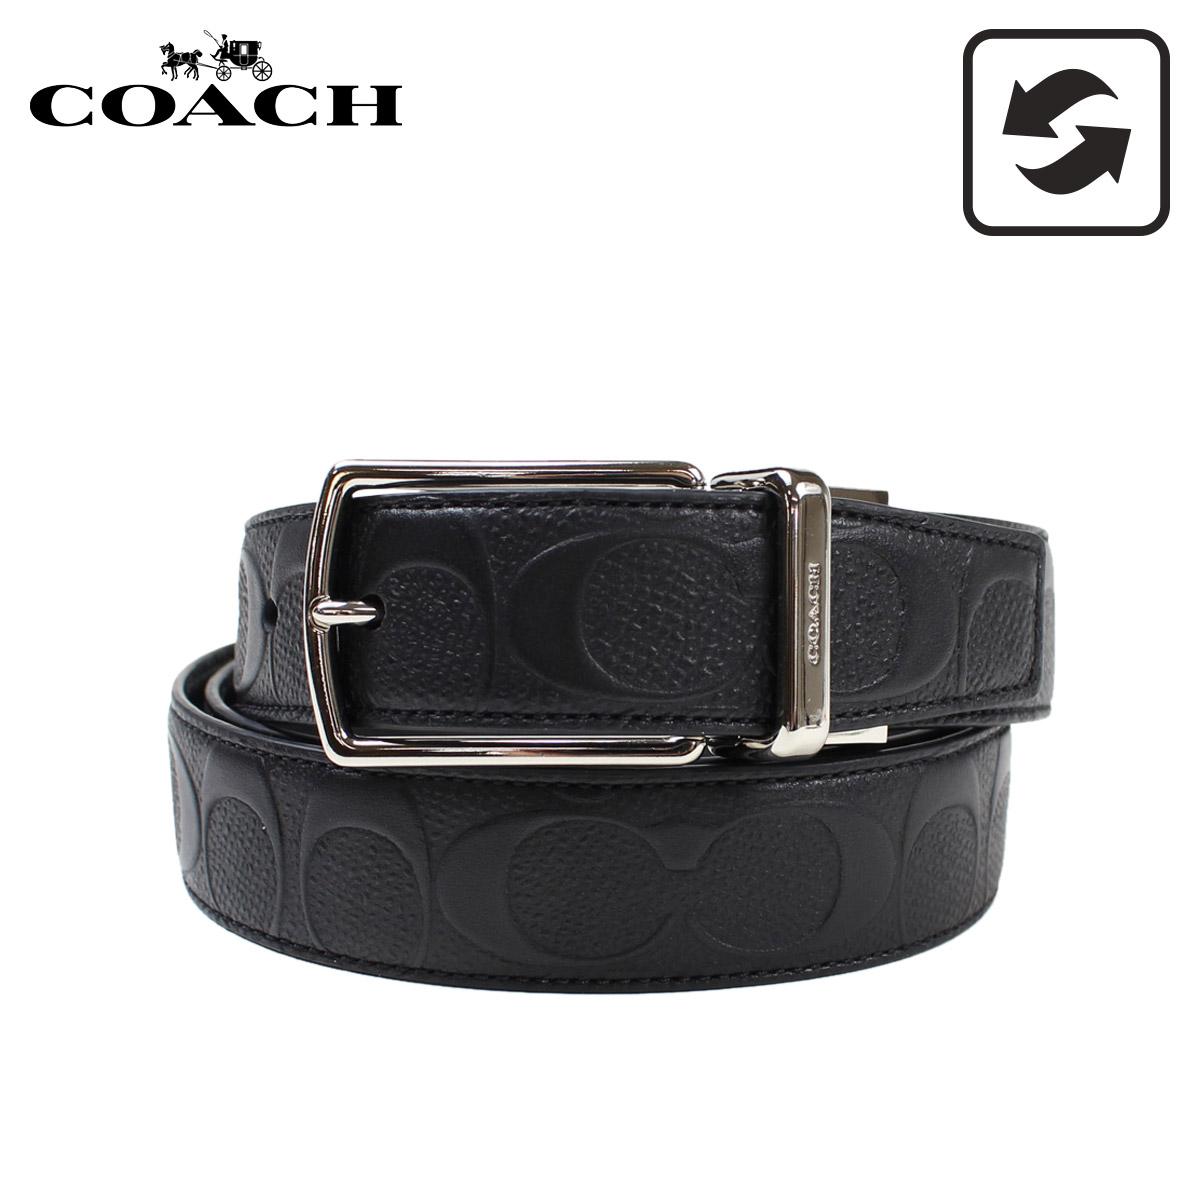 【送料無料】 【あす楽対応】 コーチ COACH アウトレット コーチ COACH ベルト メンズ レザー リバーシブル 革 ブラック F55158 [11/13 再入荷]